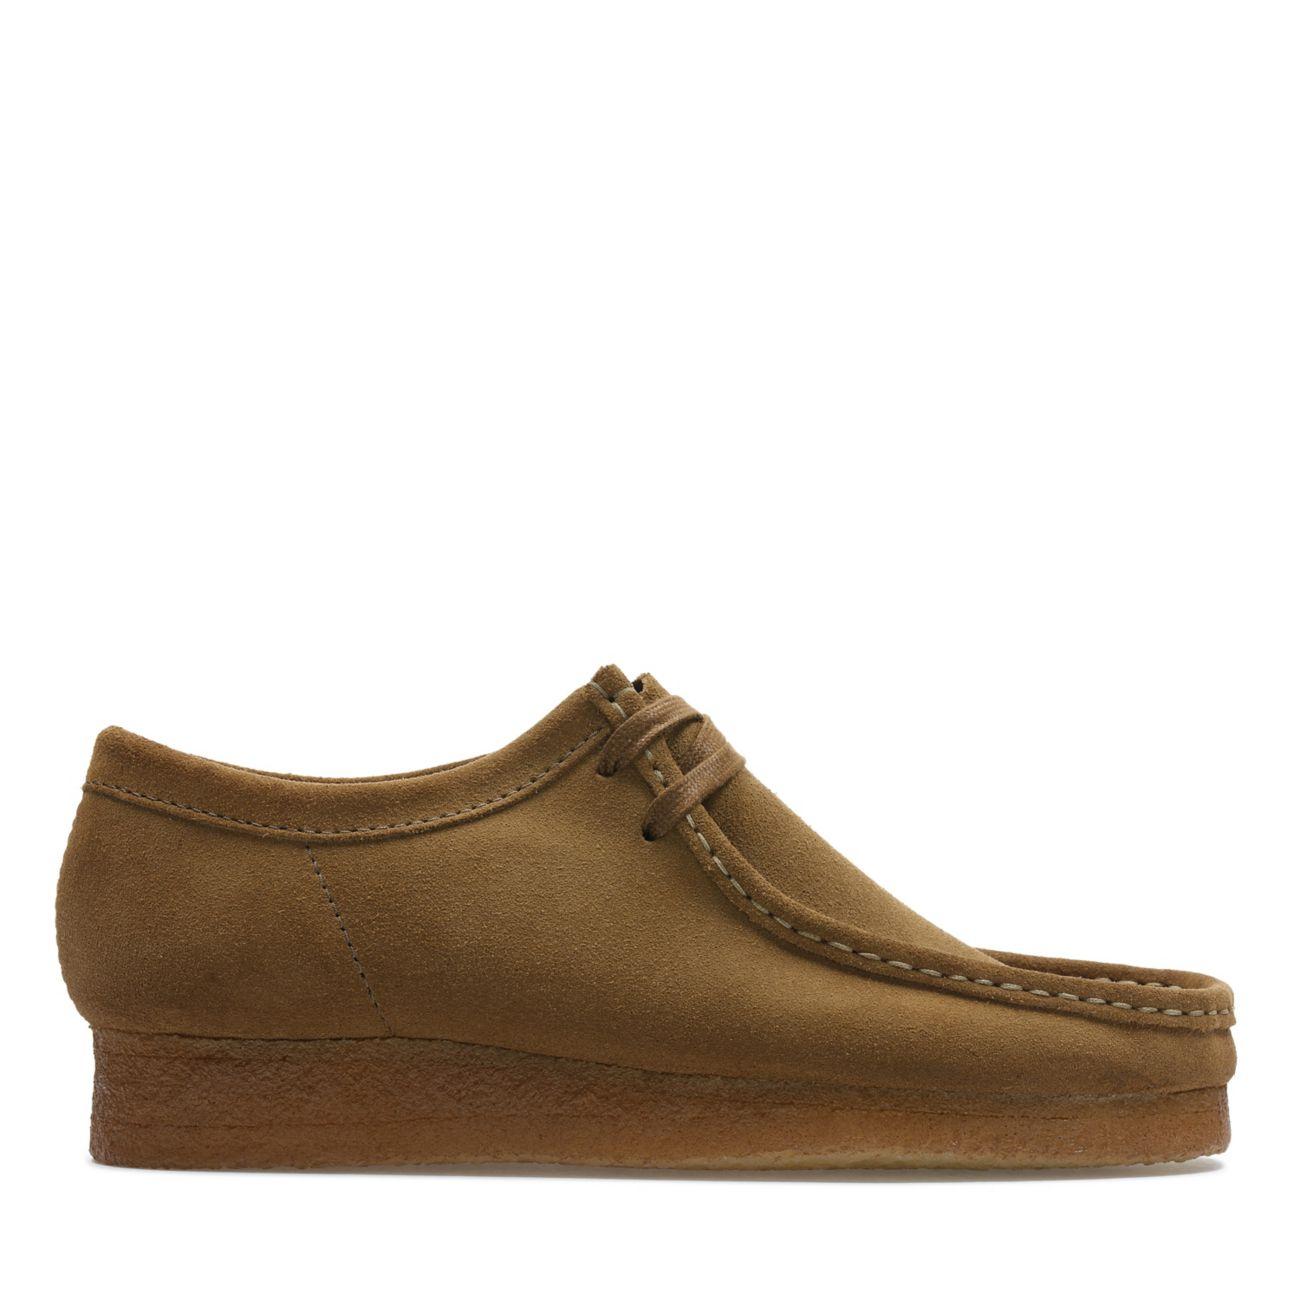 Détails sur Clarks Originals Homme Nouveau Wallabee Daim Crêpe Semelle Chaussures cola marron afficher le titre d'origine